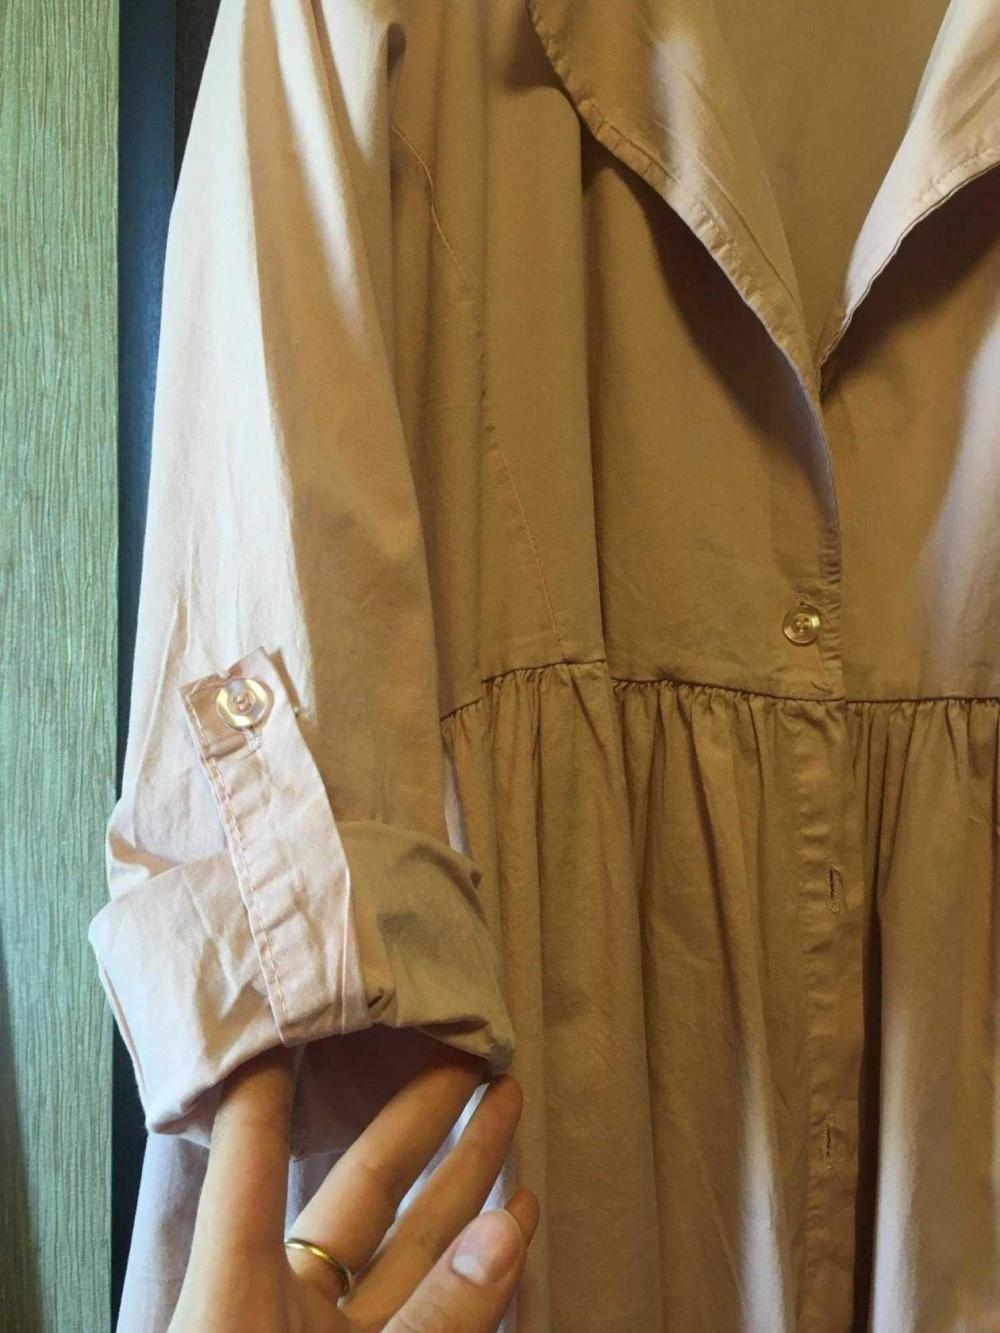 Итальянское платье Planet,размер 48-50.